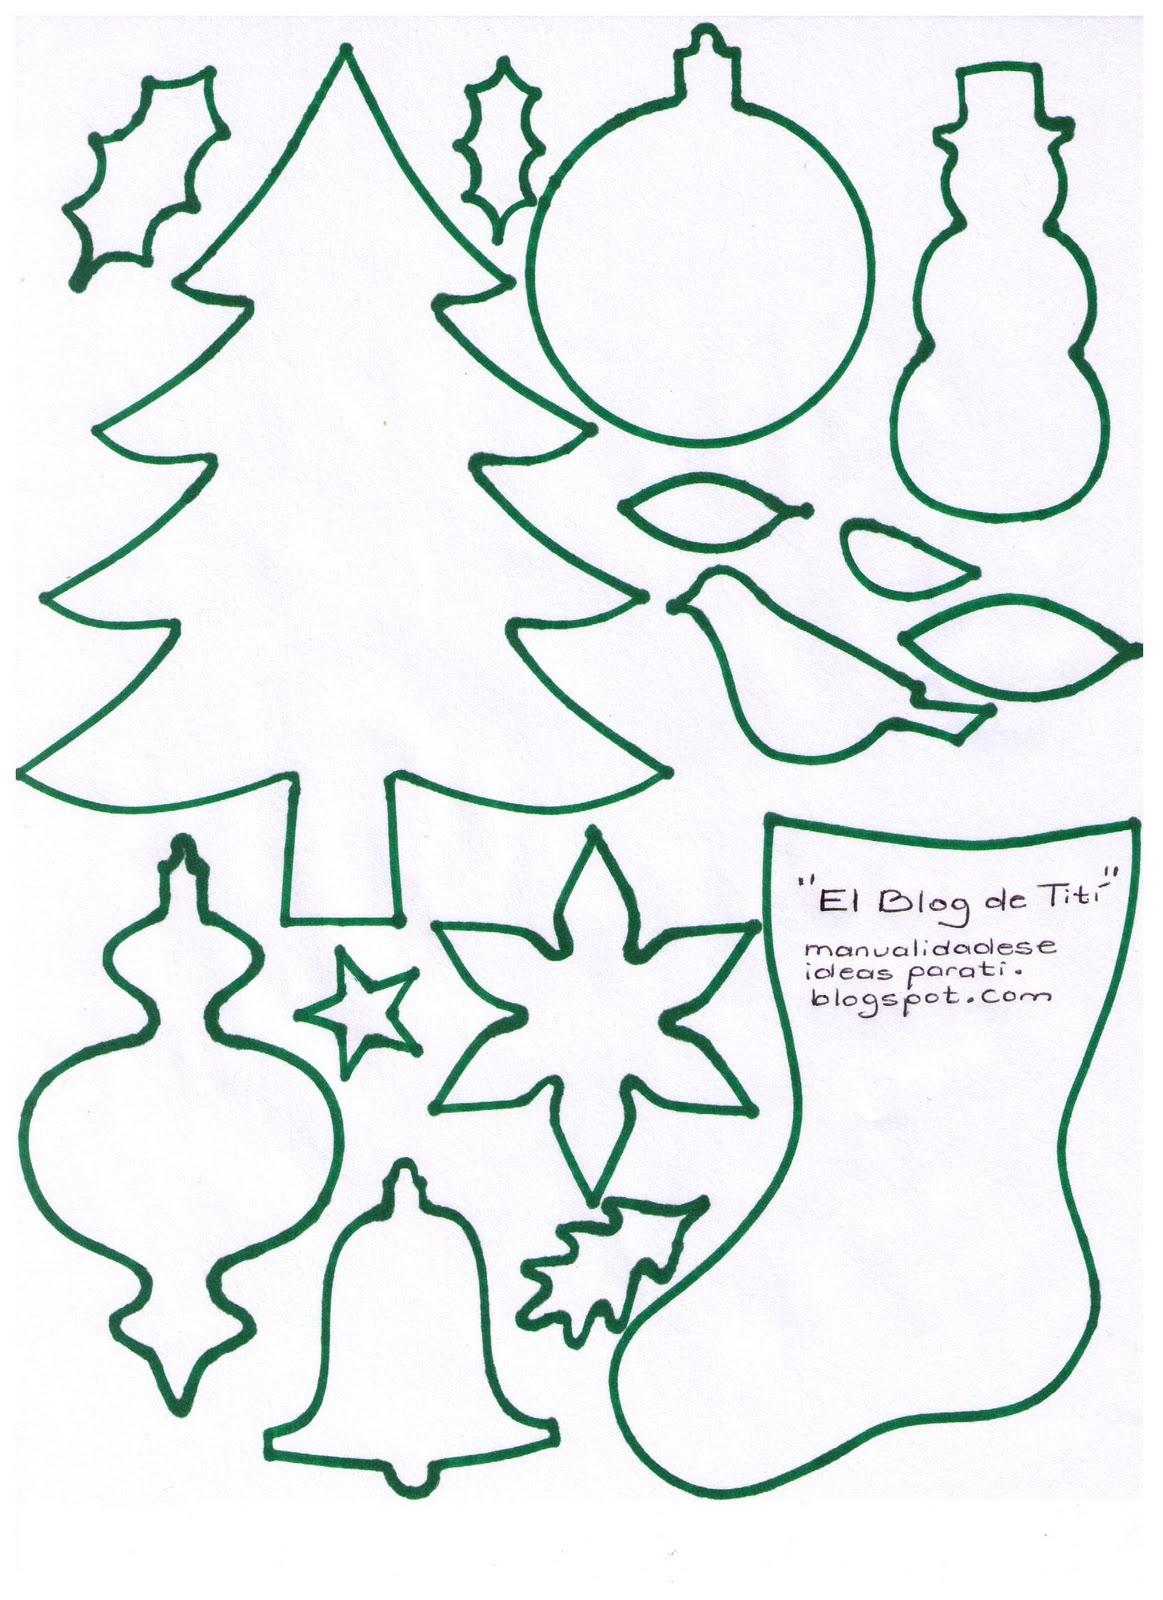 El blog de tit manualidades plantillas con motivos - Motivos navidenos dibujos ...